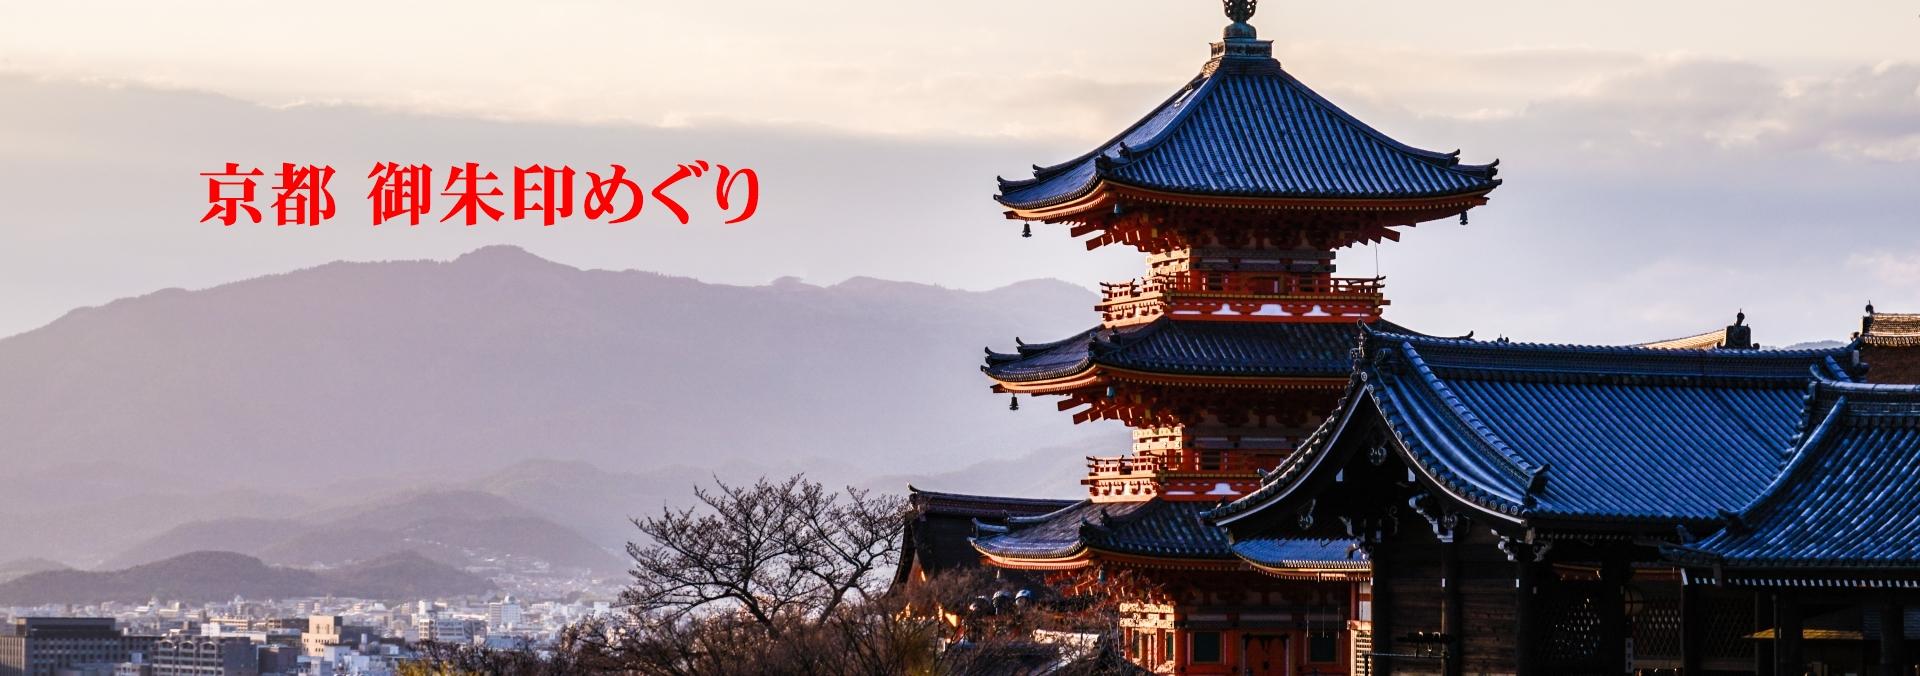 京都御朱印帳めぐり